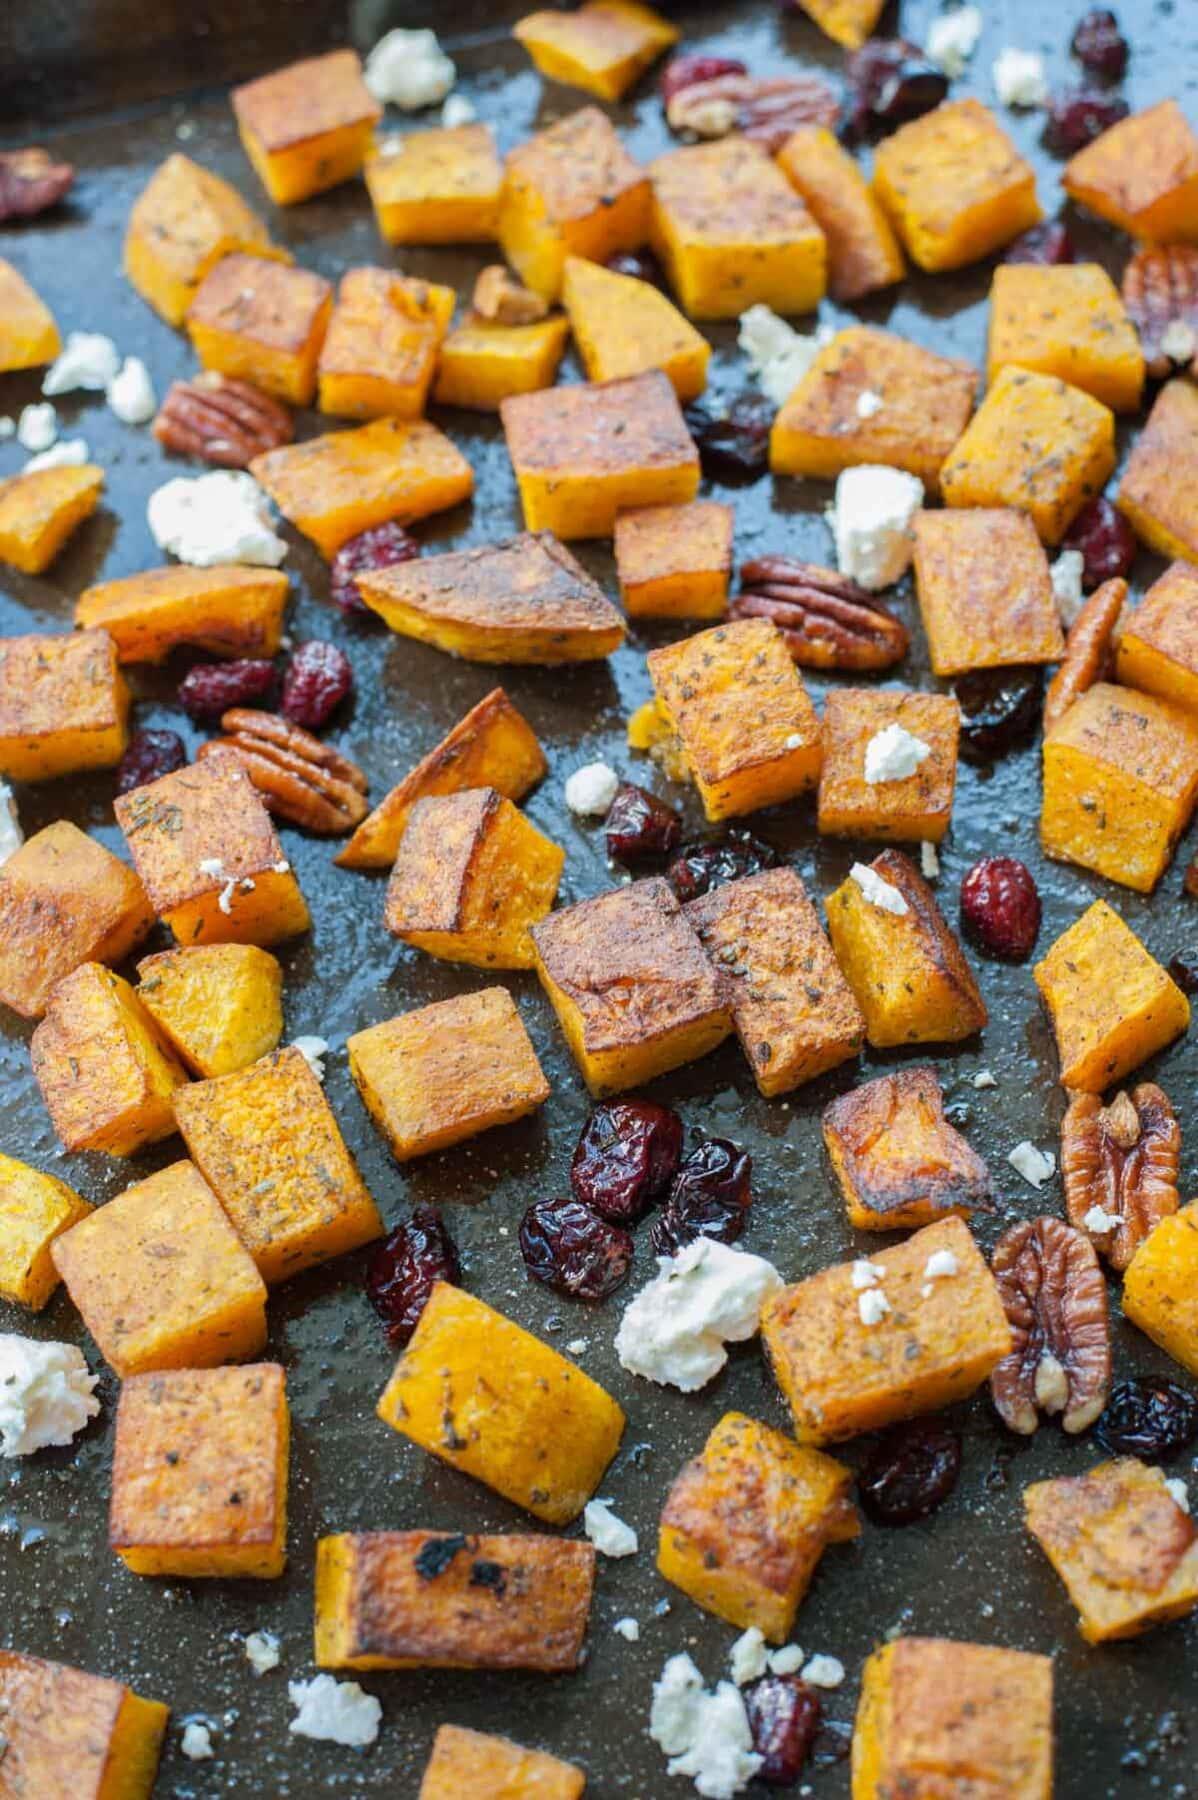 Pieczona dynia z rozmarynem, żurawiną, orzechami i serem feta na czarnej blaszce do pieczenia.